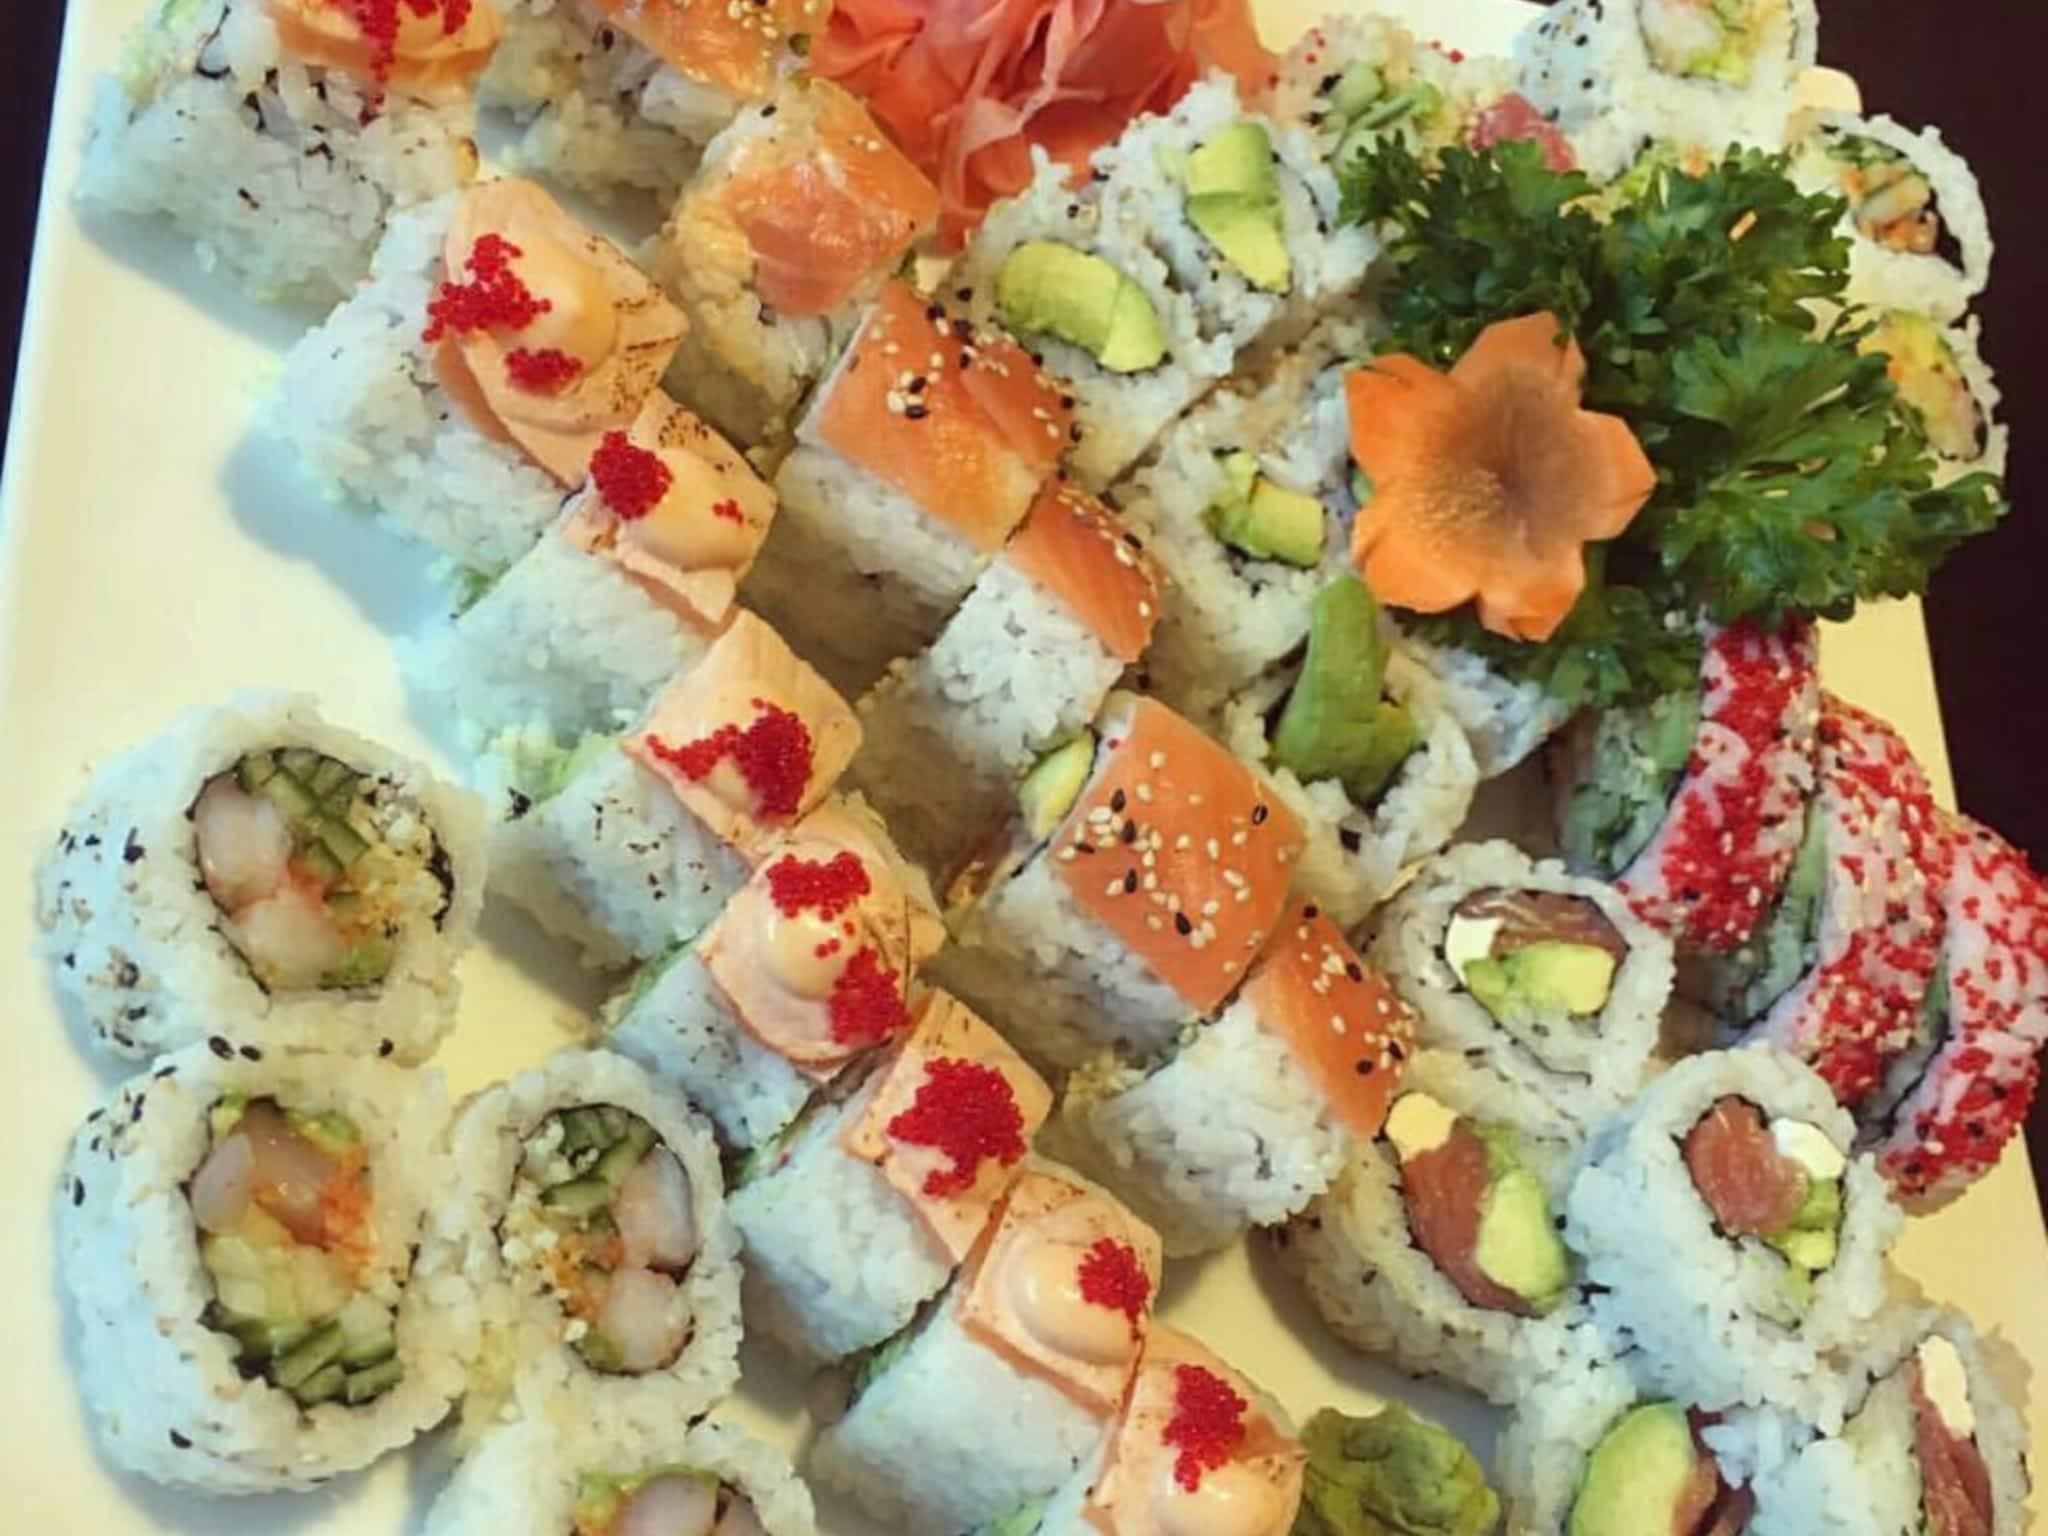 photo Nagoya Sushi